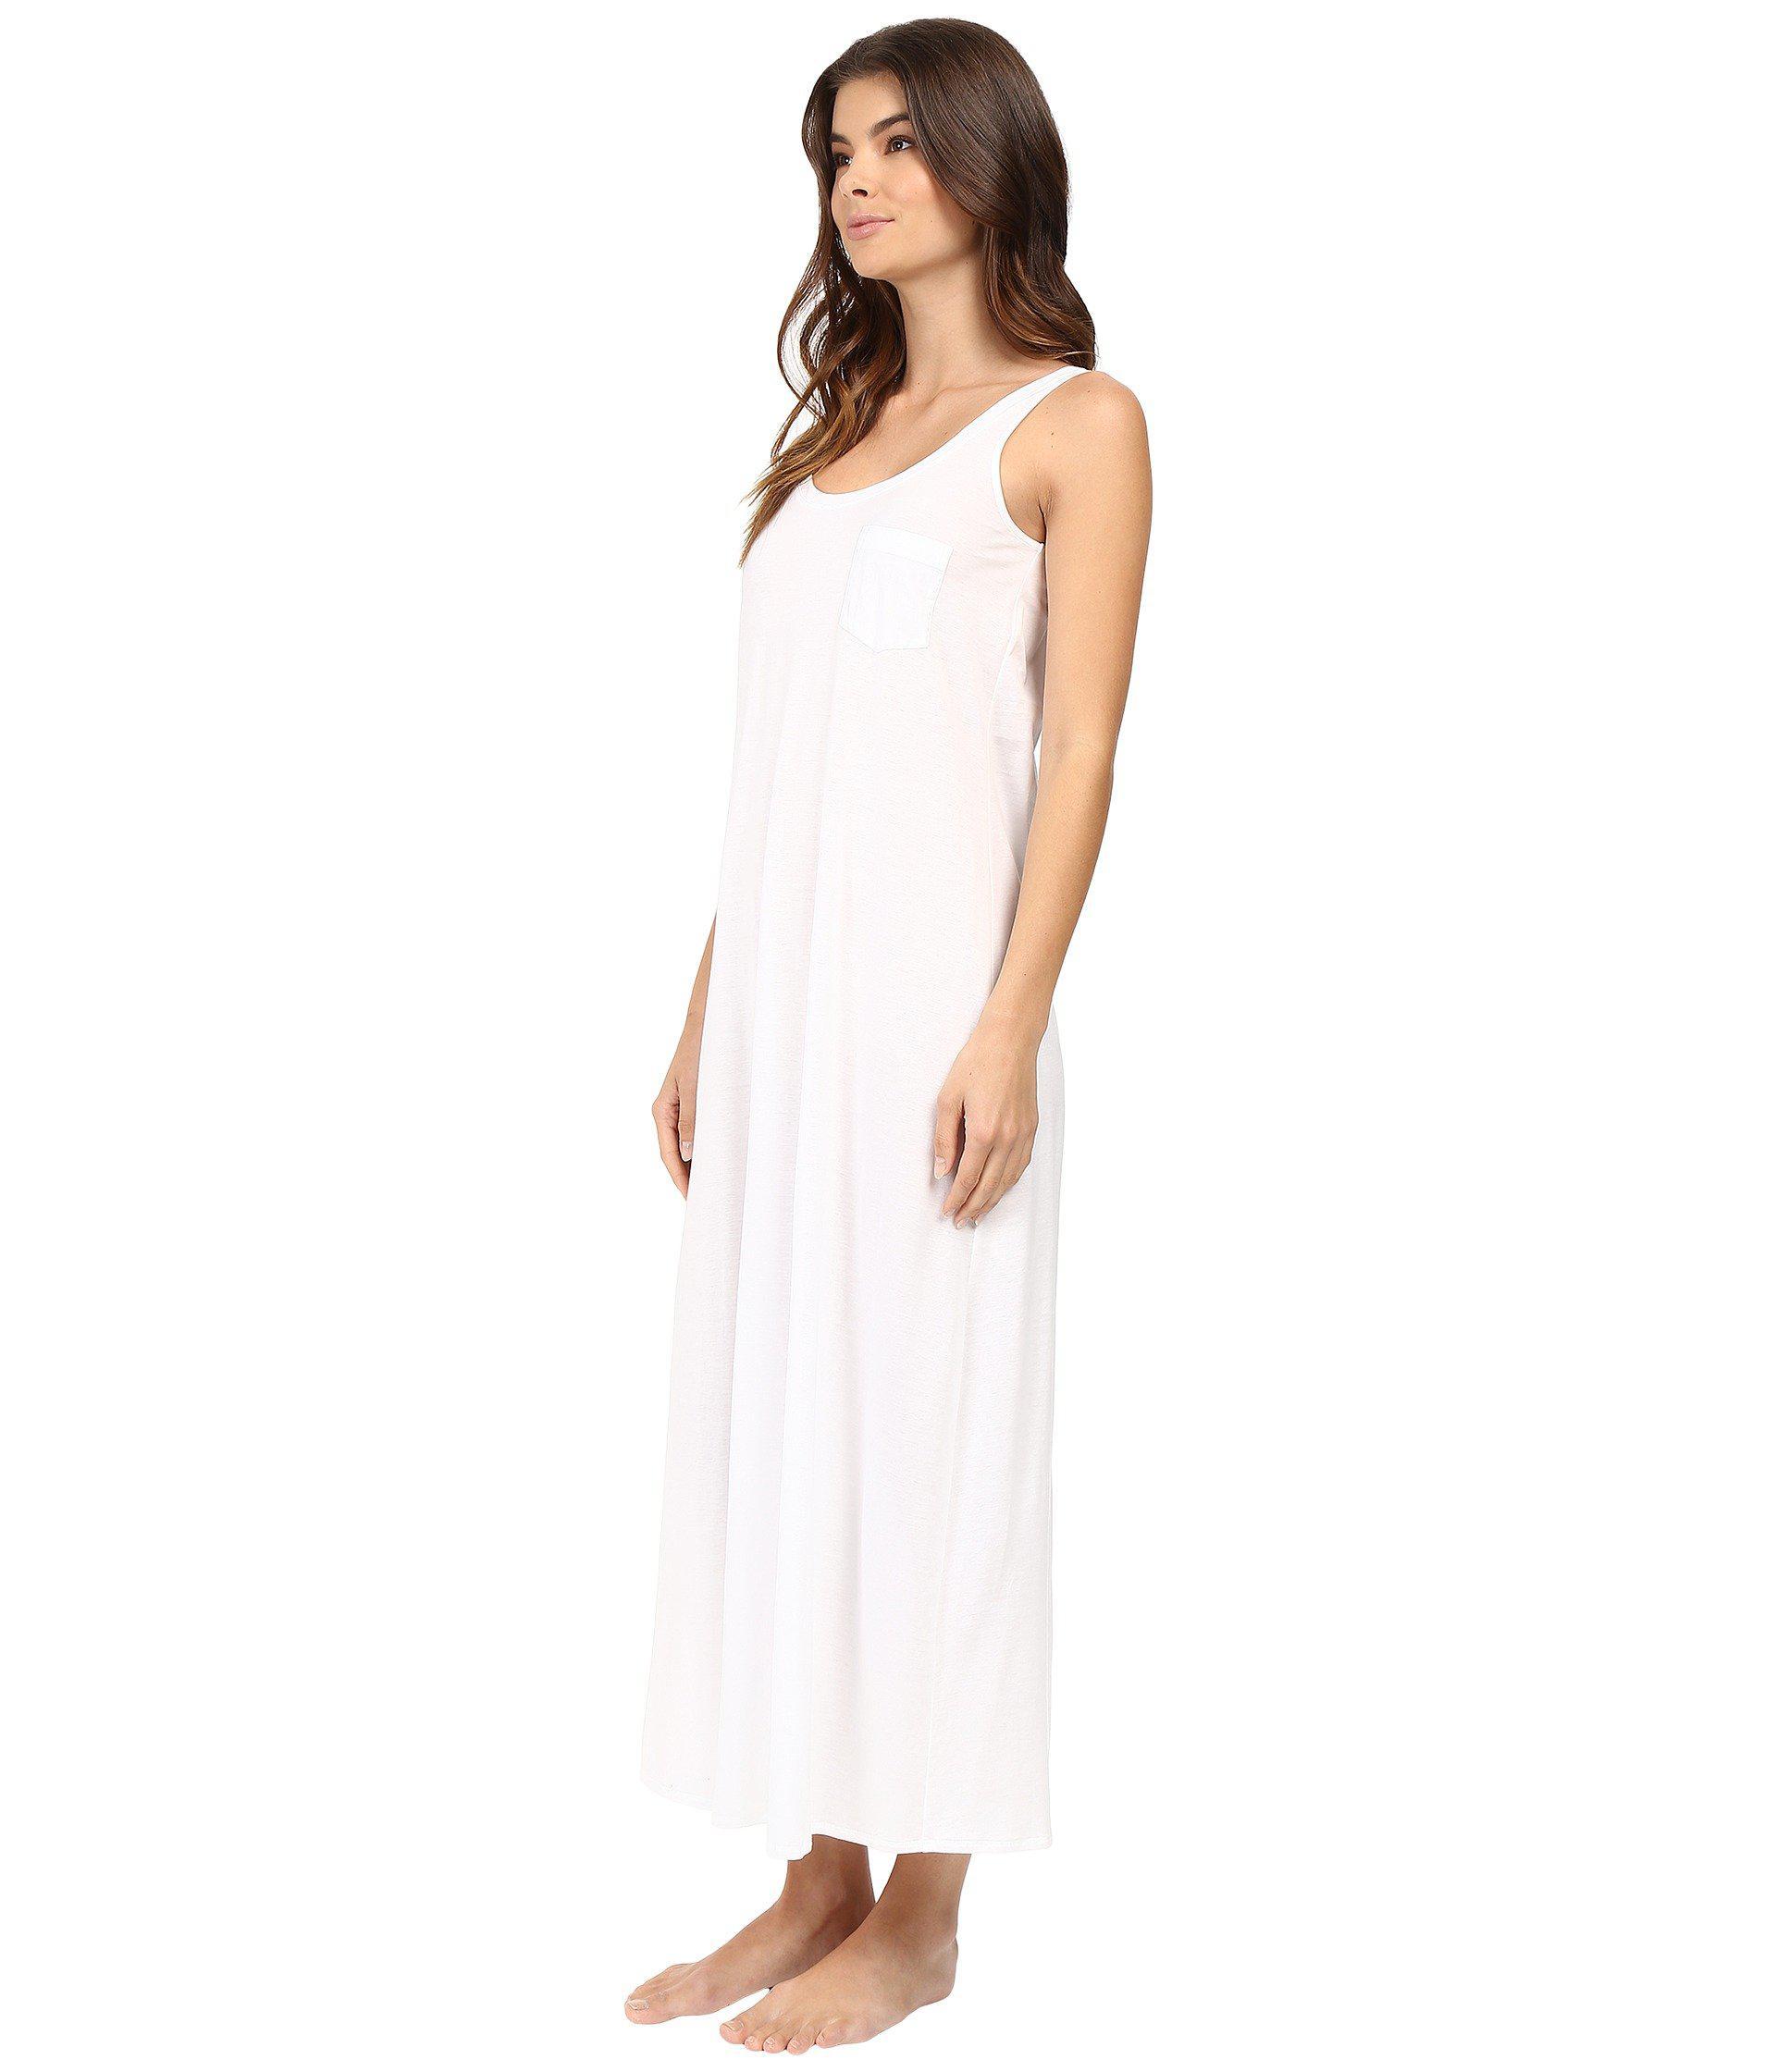 e3637fa49d Lyst - Hanro Cotton Deluxe Long Tank Nightgown (black) Women s Pajama in  White